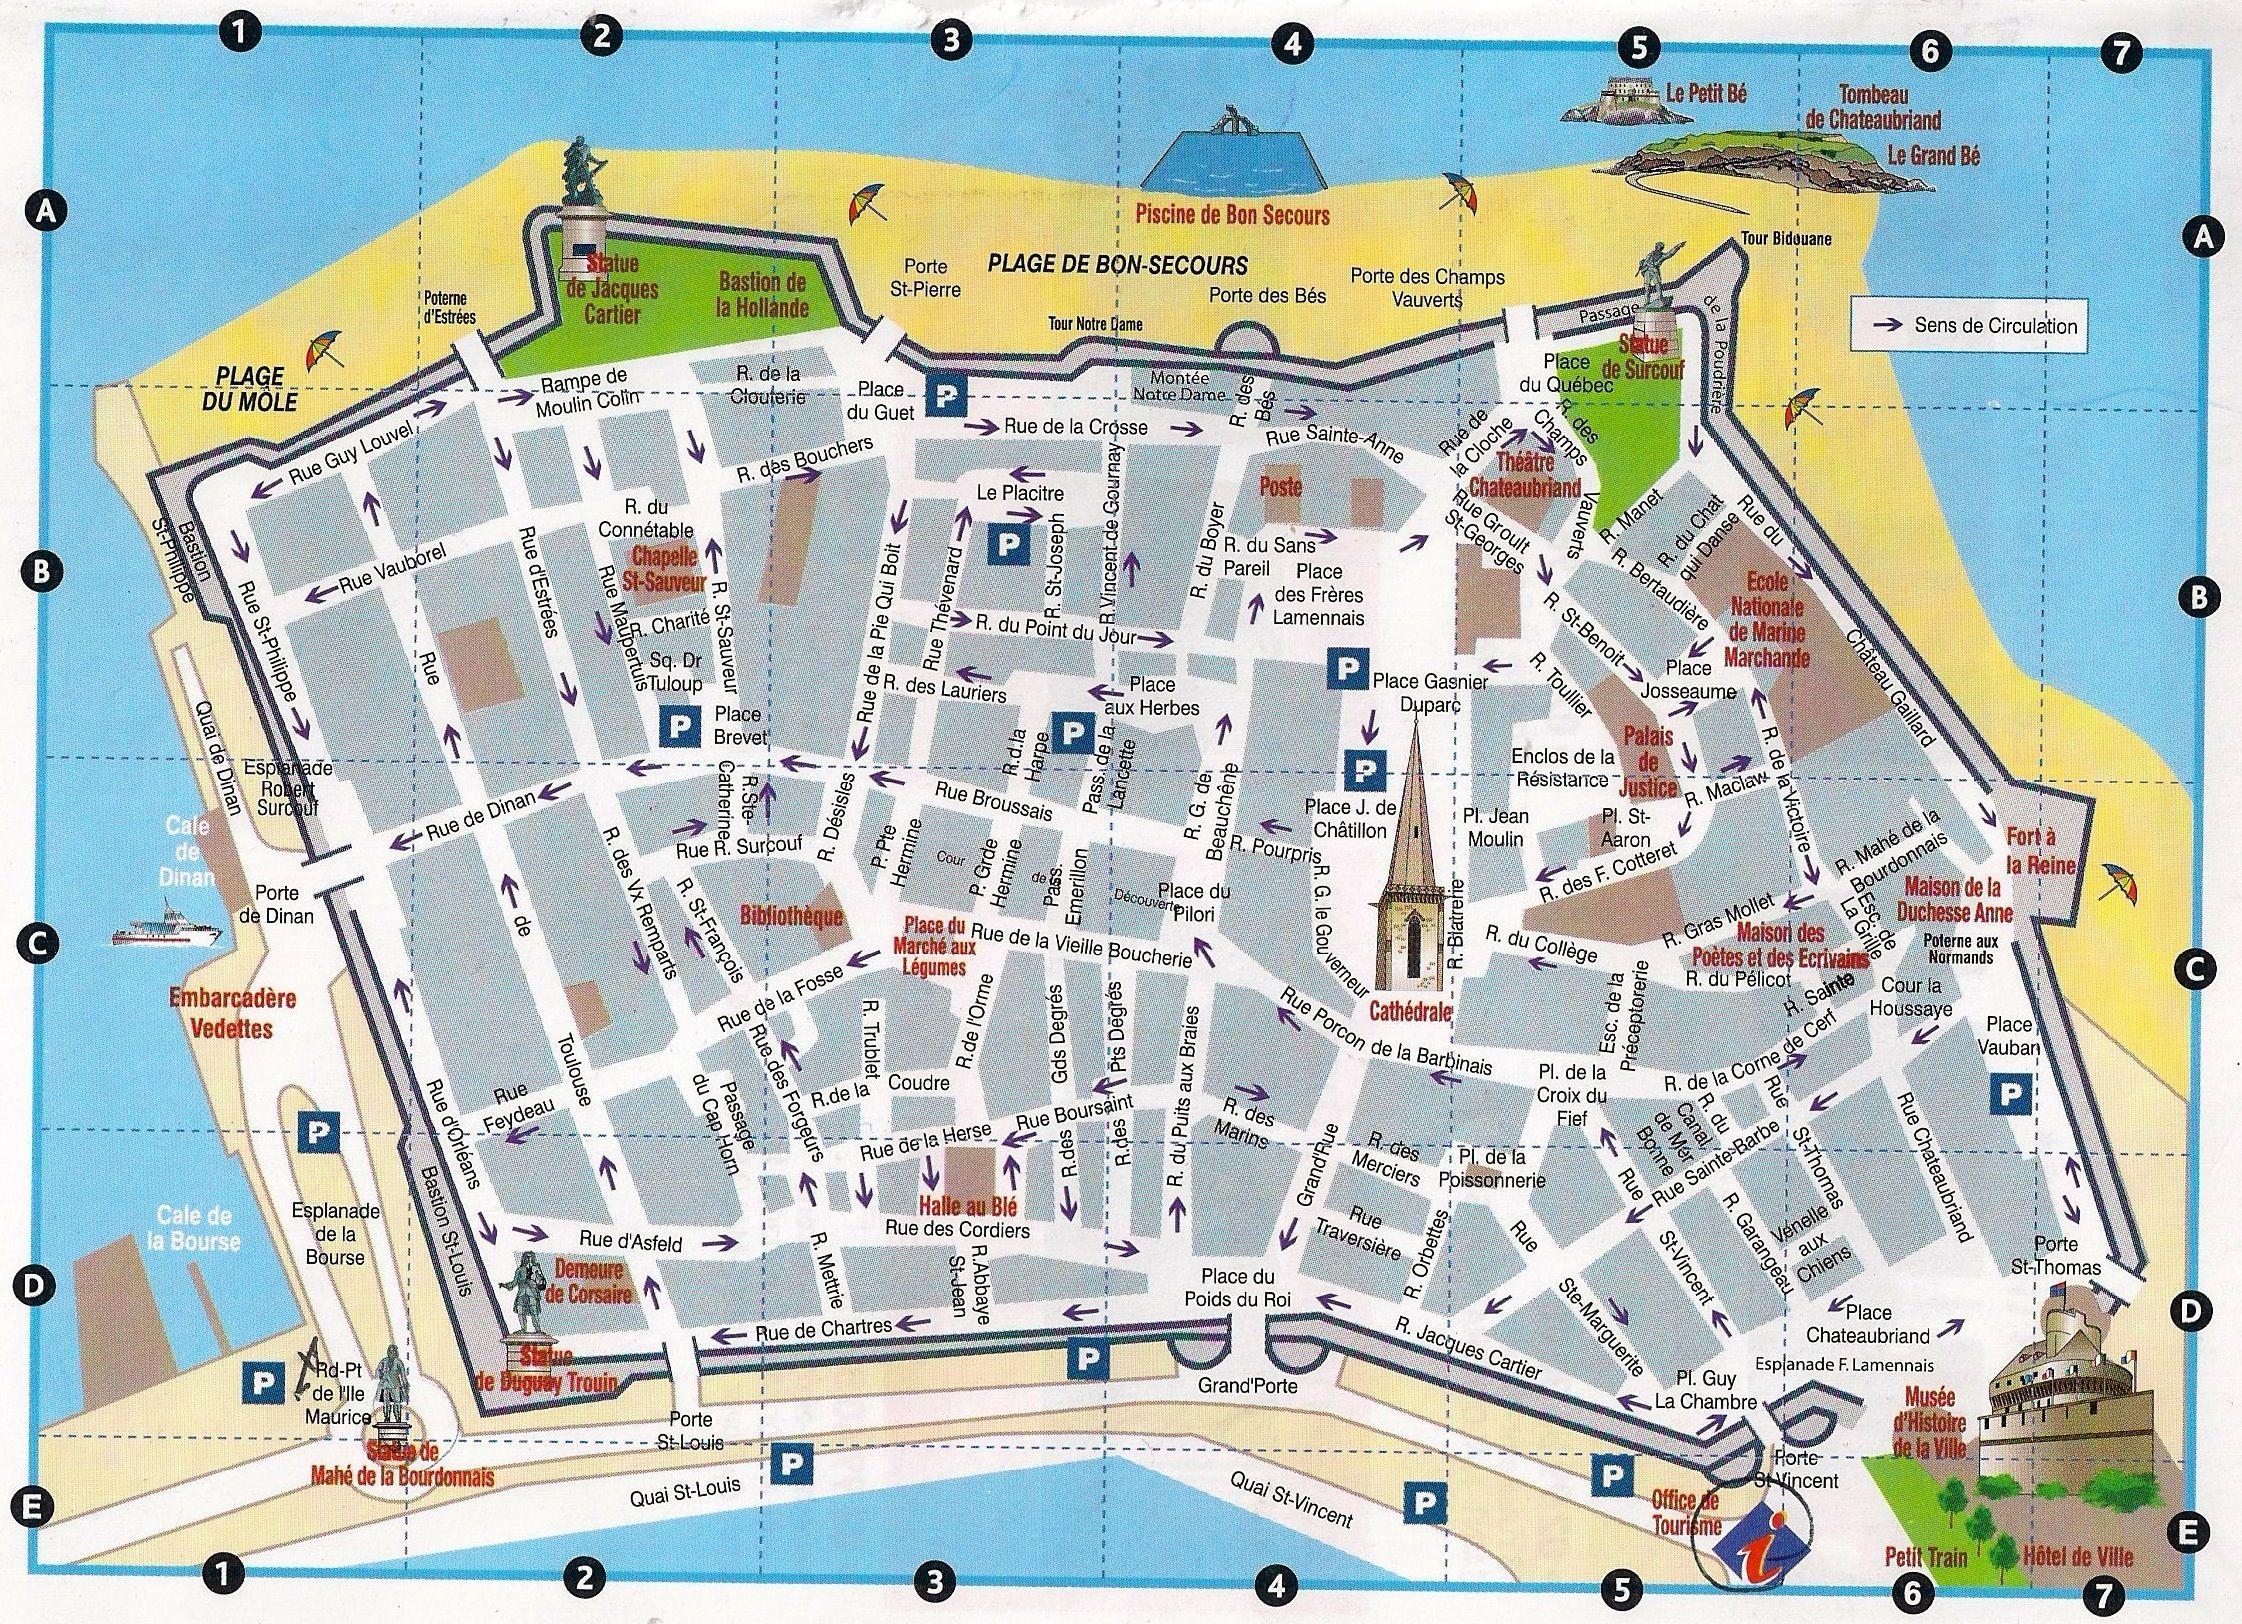 Plan de Saint-Malo - Voyages - Cartes